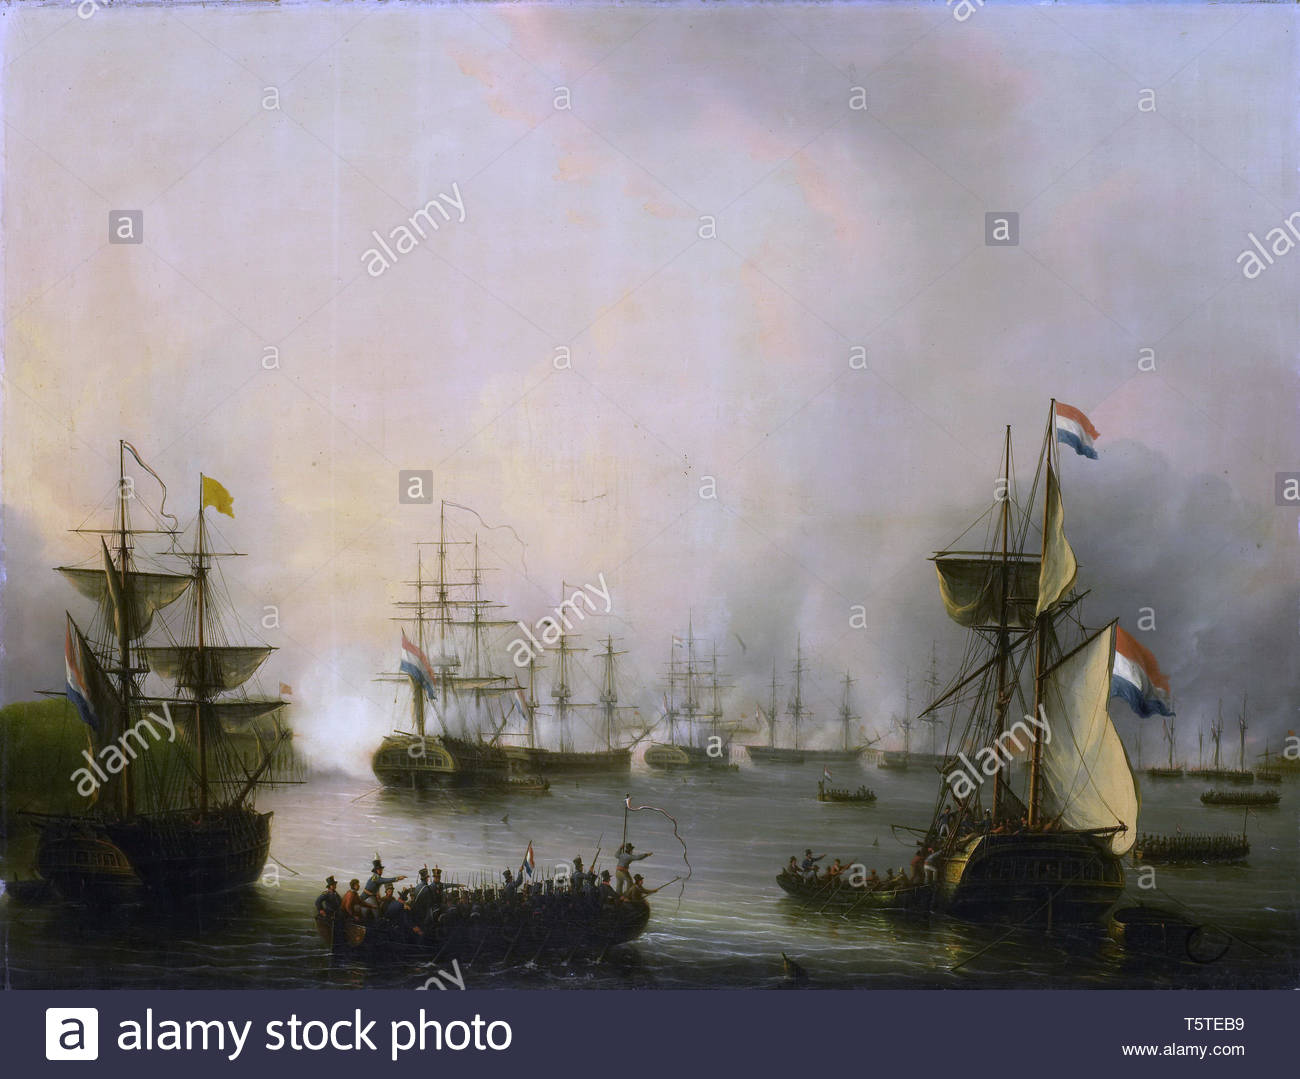 Schouman, Martinus-De beschieting van Palembang, Sumatra, 24 juni 1821.jpeg - Stock Image